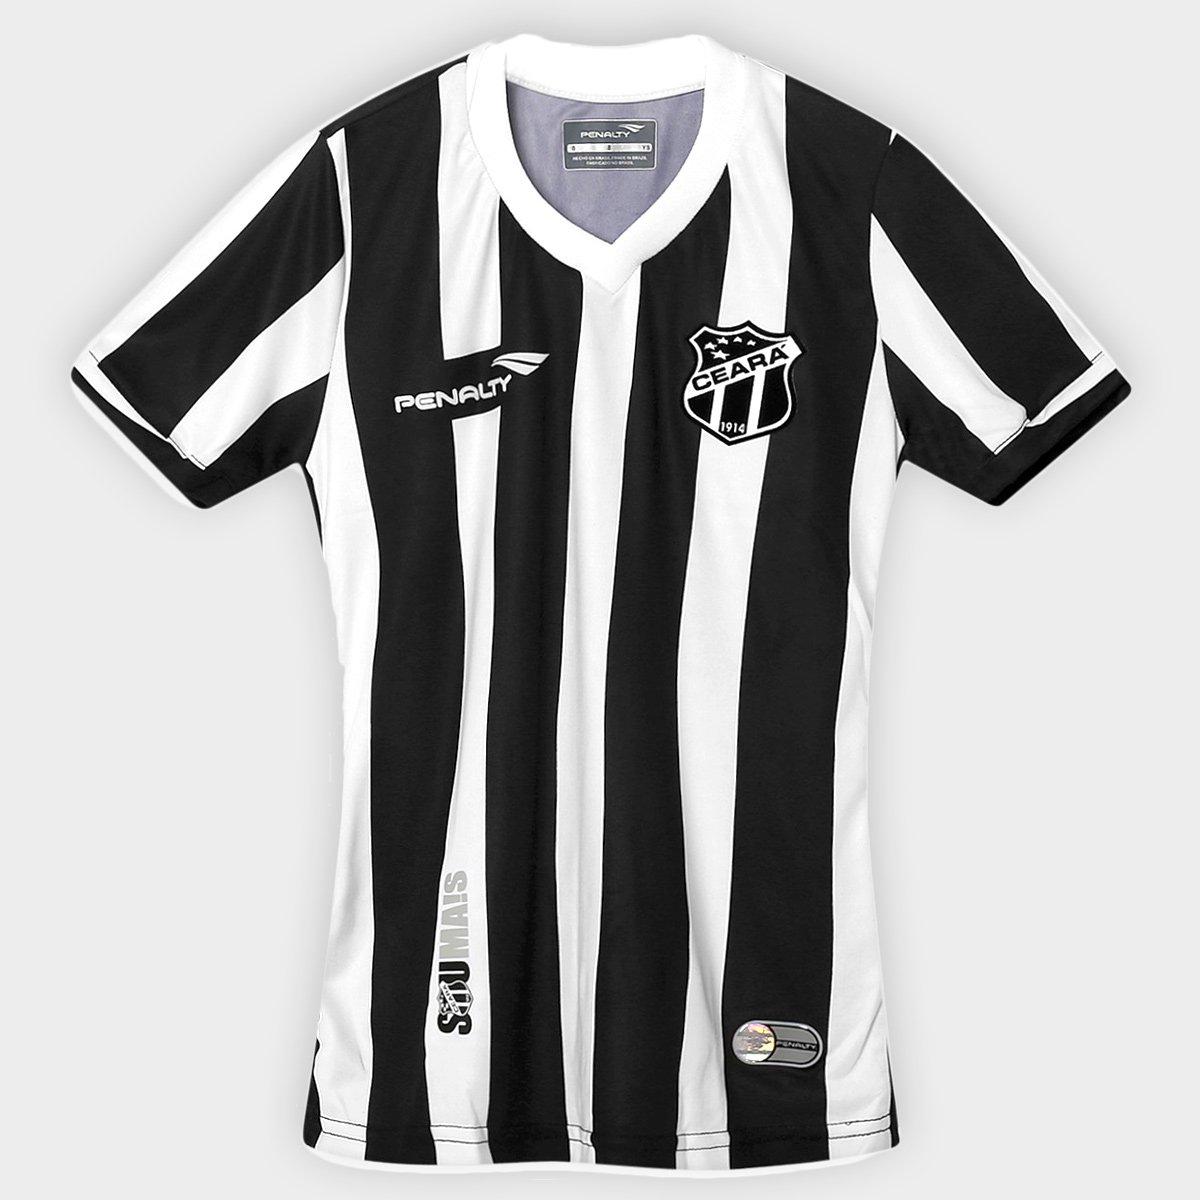 0dd2325219 Camisa Ceará Juvenil I 2015 nº 10 - Torcedor Penalty - Compre Agora ...